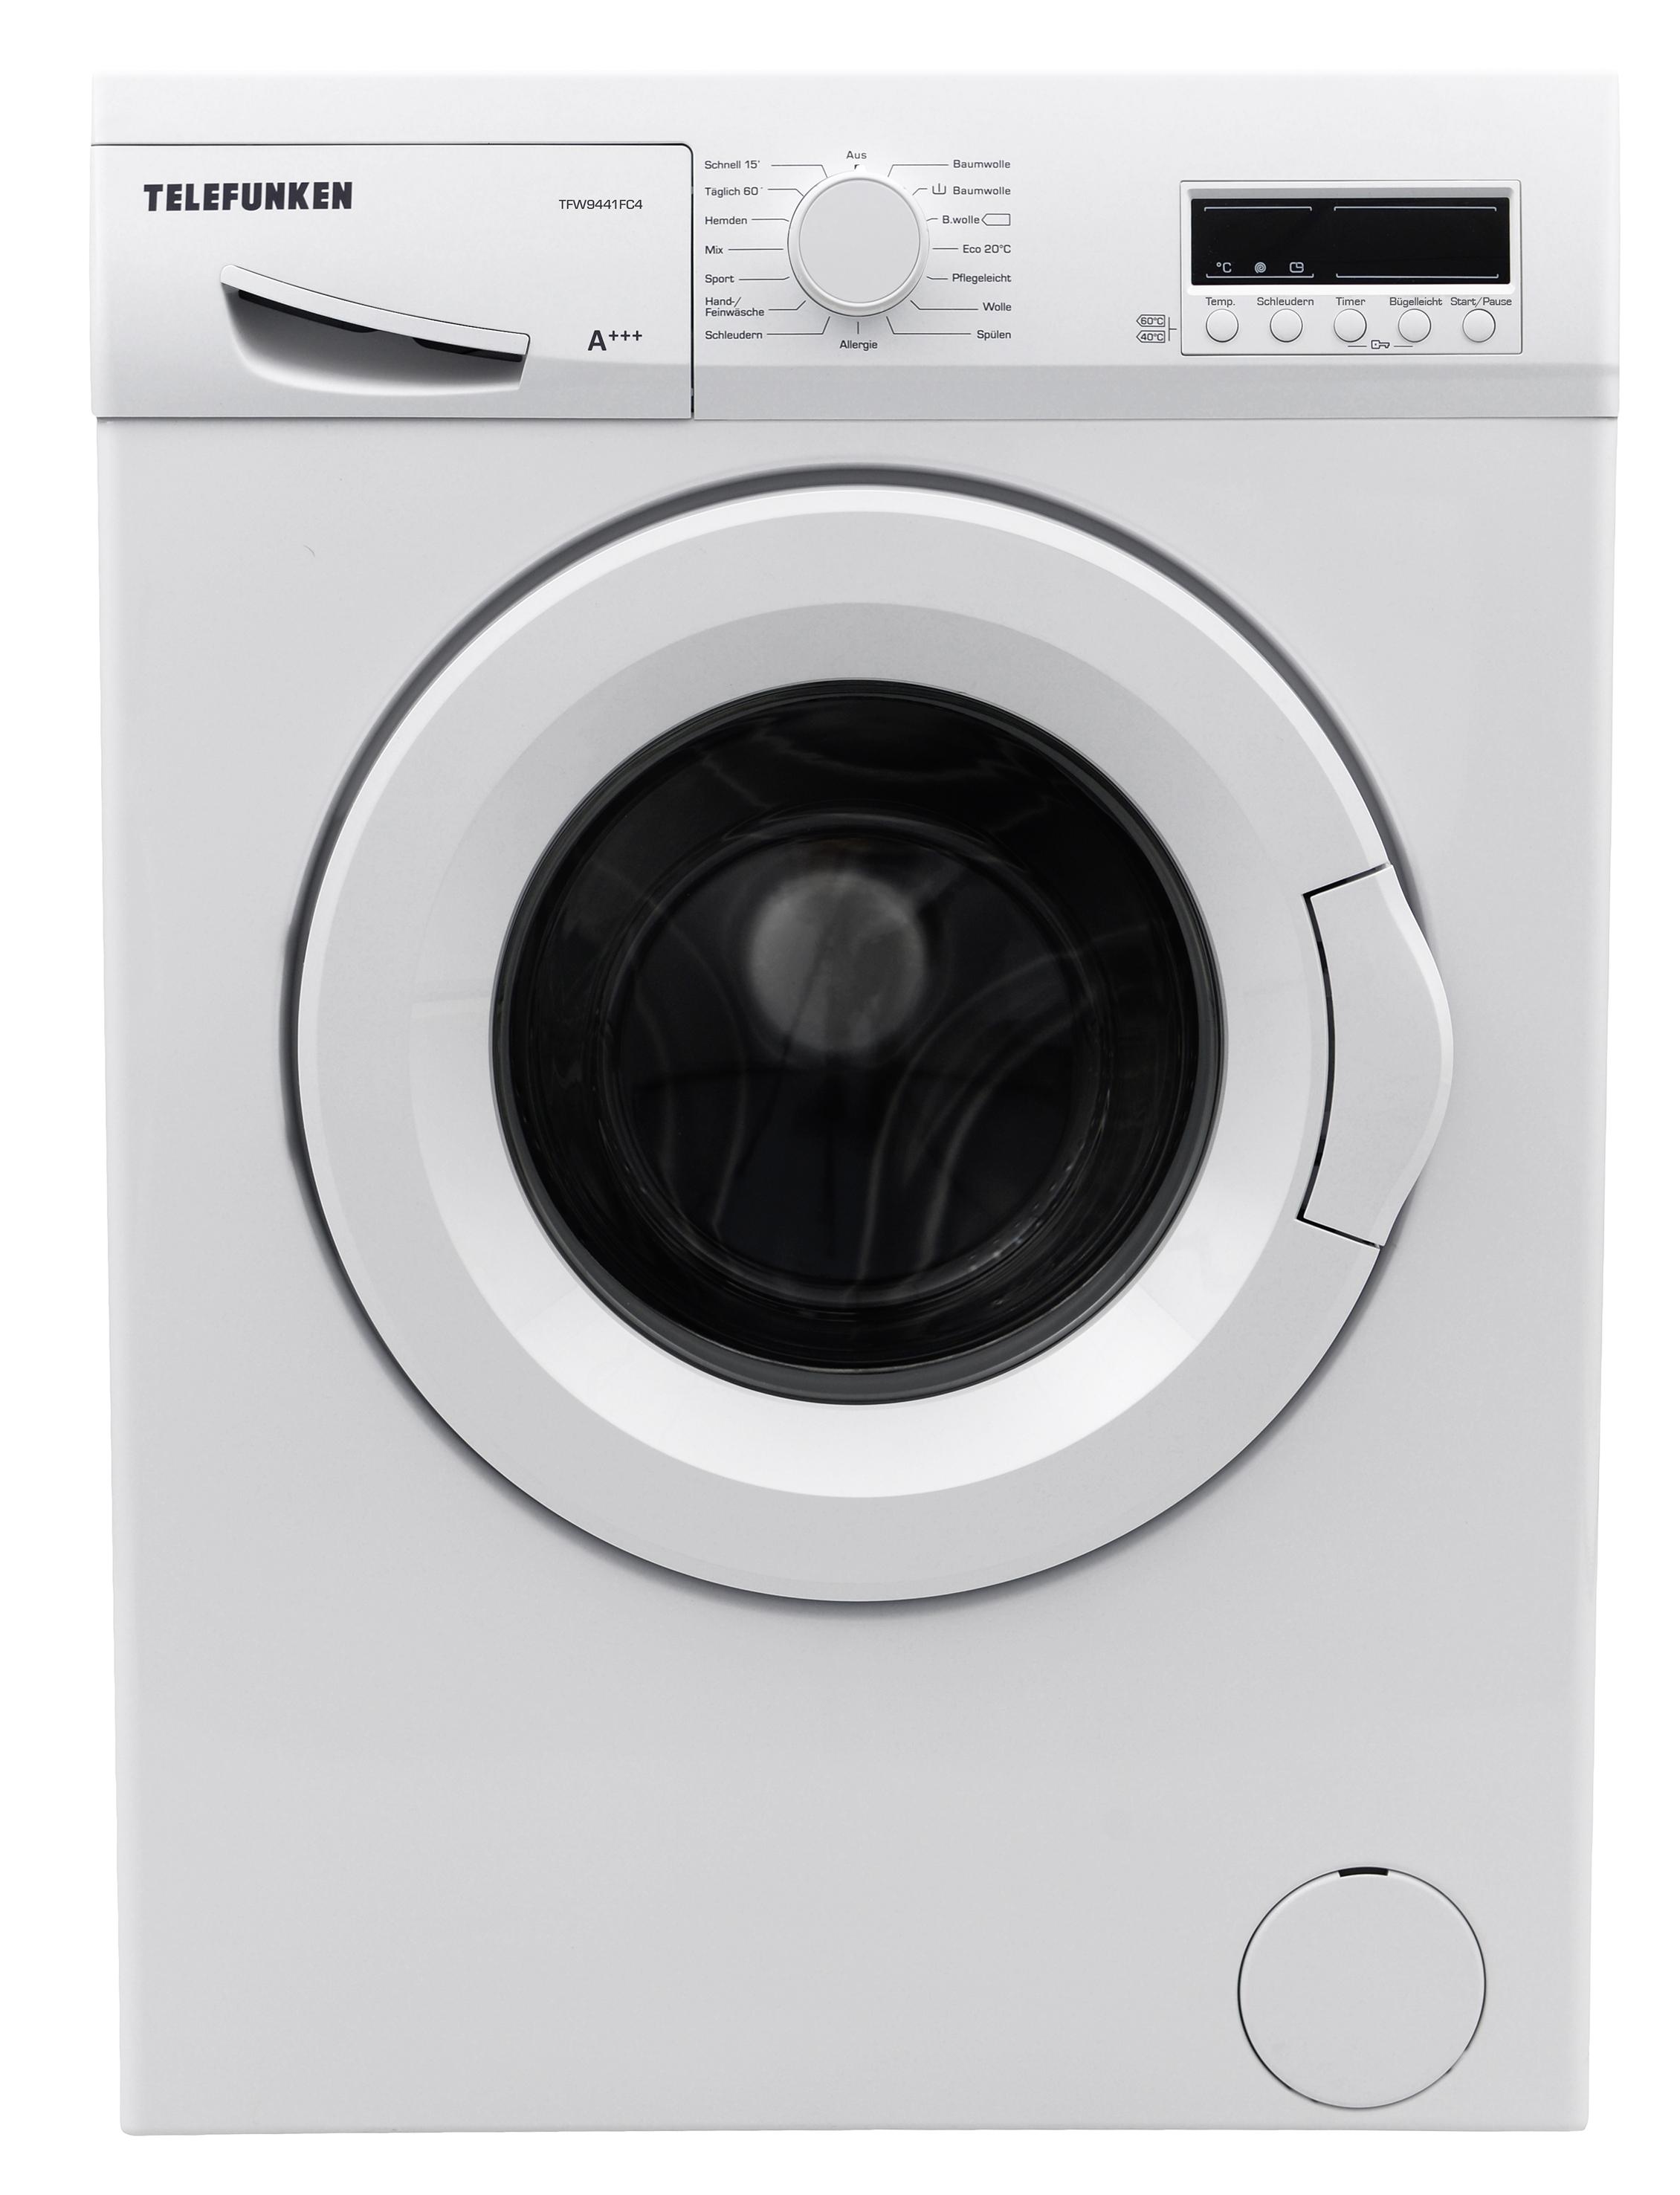 Telefunken Waschmaschine Frontlader, 7kg, A+++, 1400 U/min  229 Euro - bei REAL sowie im Online Shop.